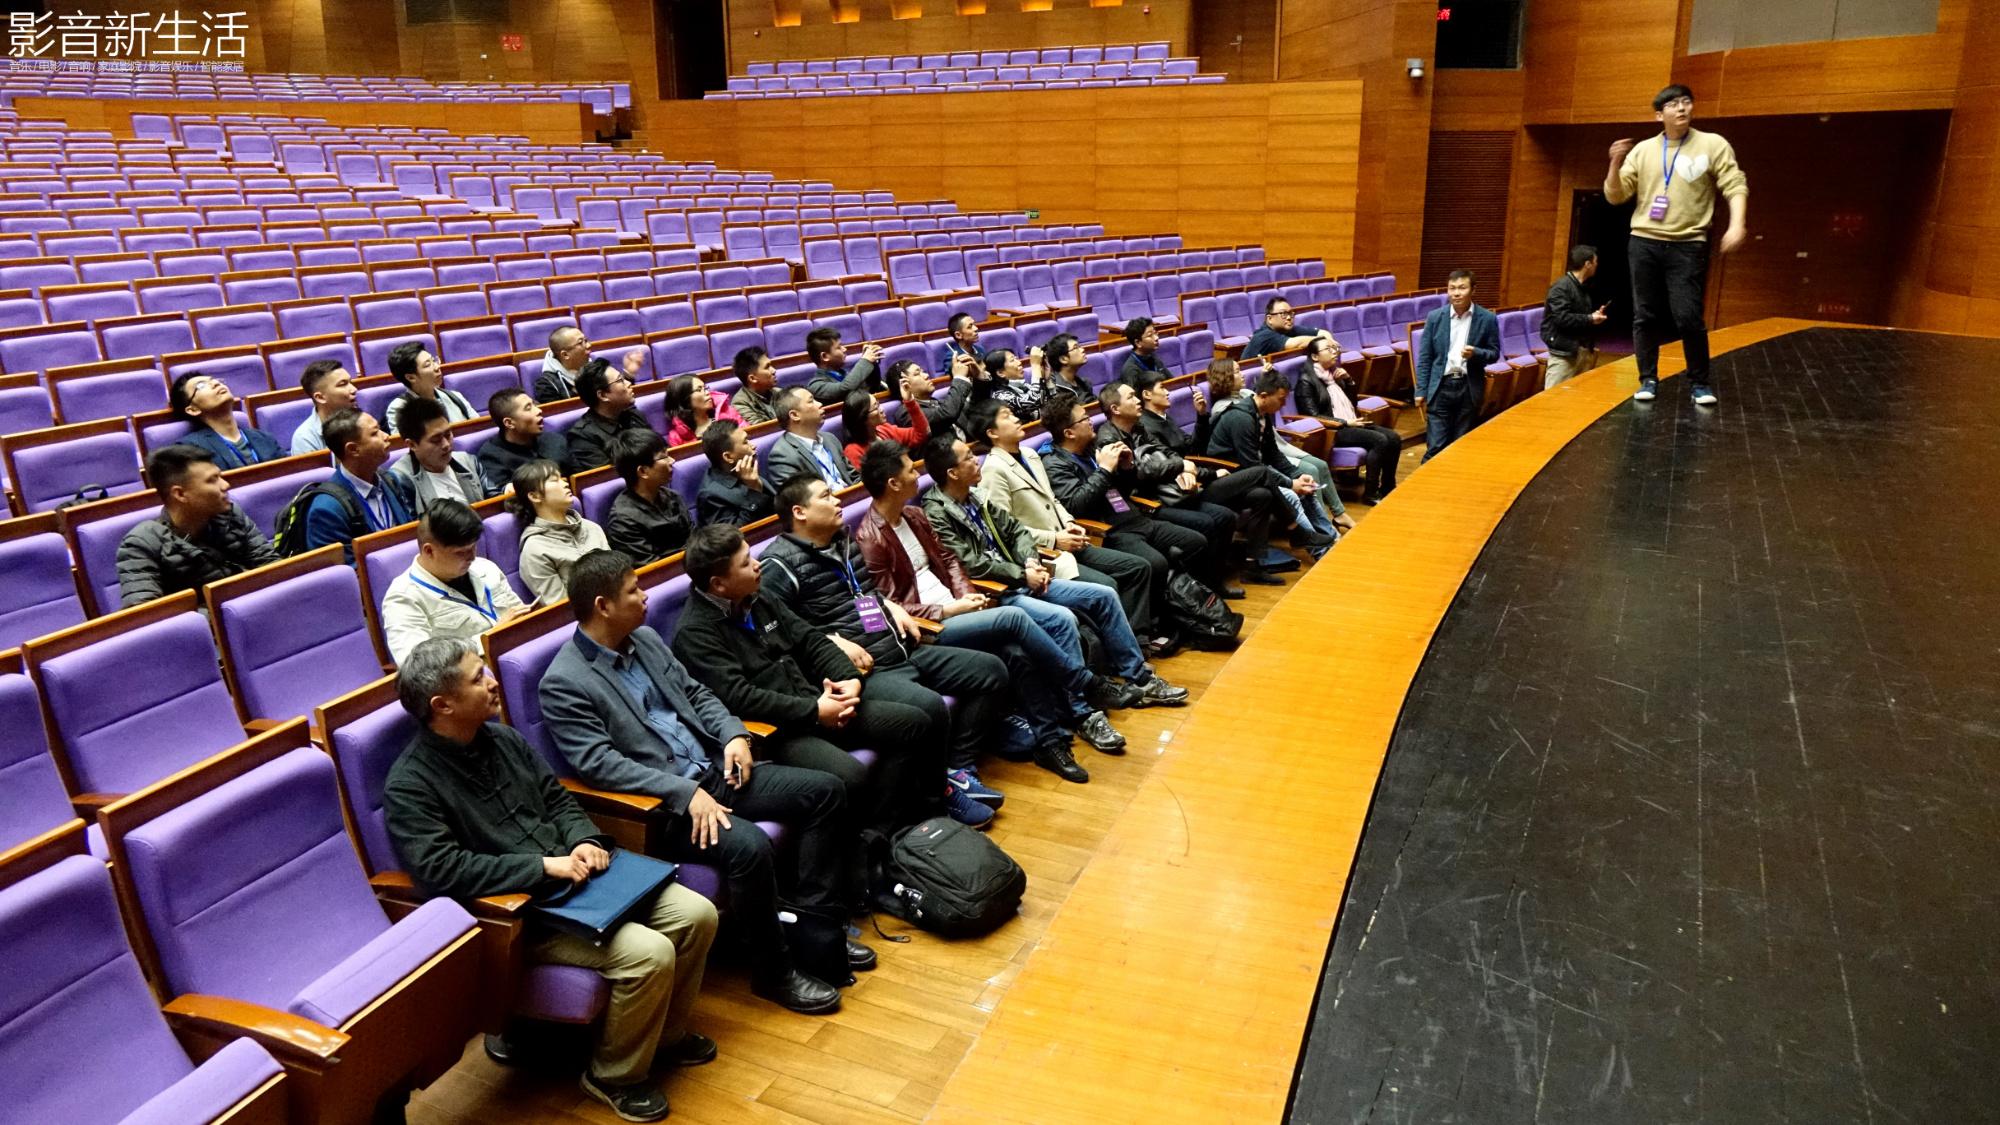 2018012317411134 - 声学 | 2018清华大学建筑声学原理与设计培训课程!期待你的到来!